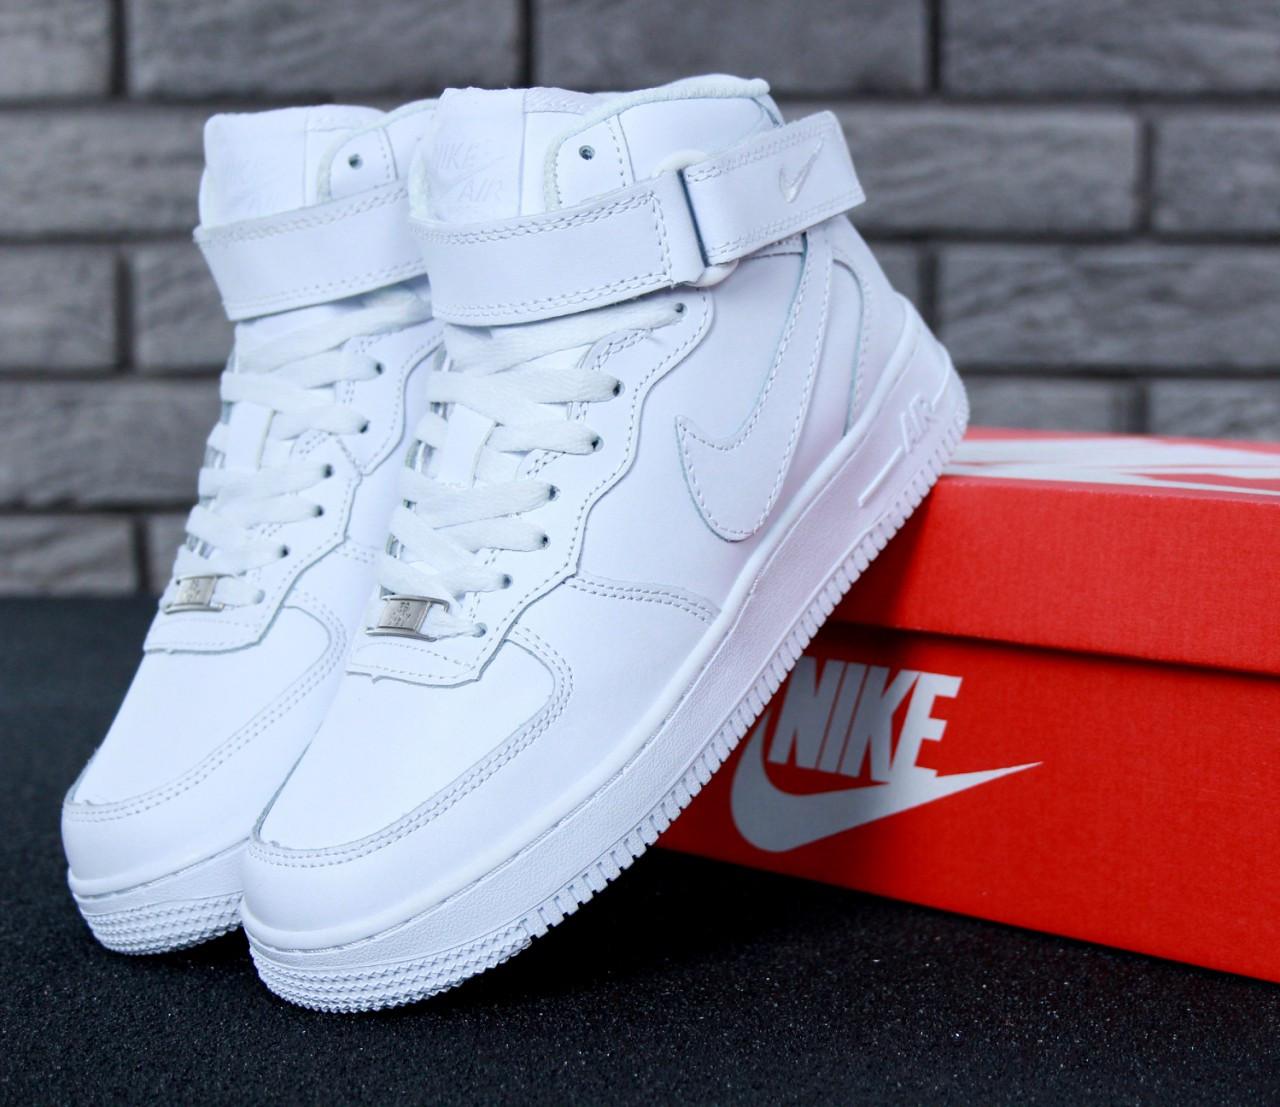 Зимние кроссовки Nike Air Force Brown с мехом, женские кроссовки. ТОП Реплика ААА класса.